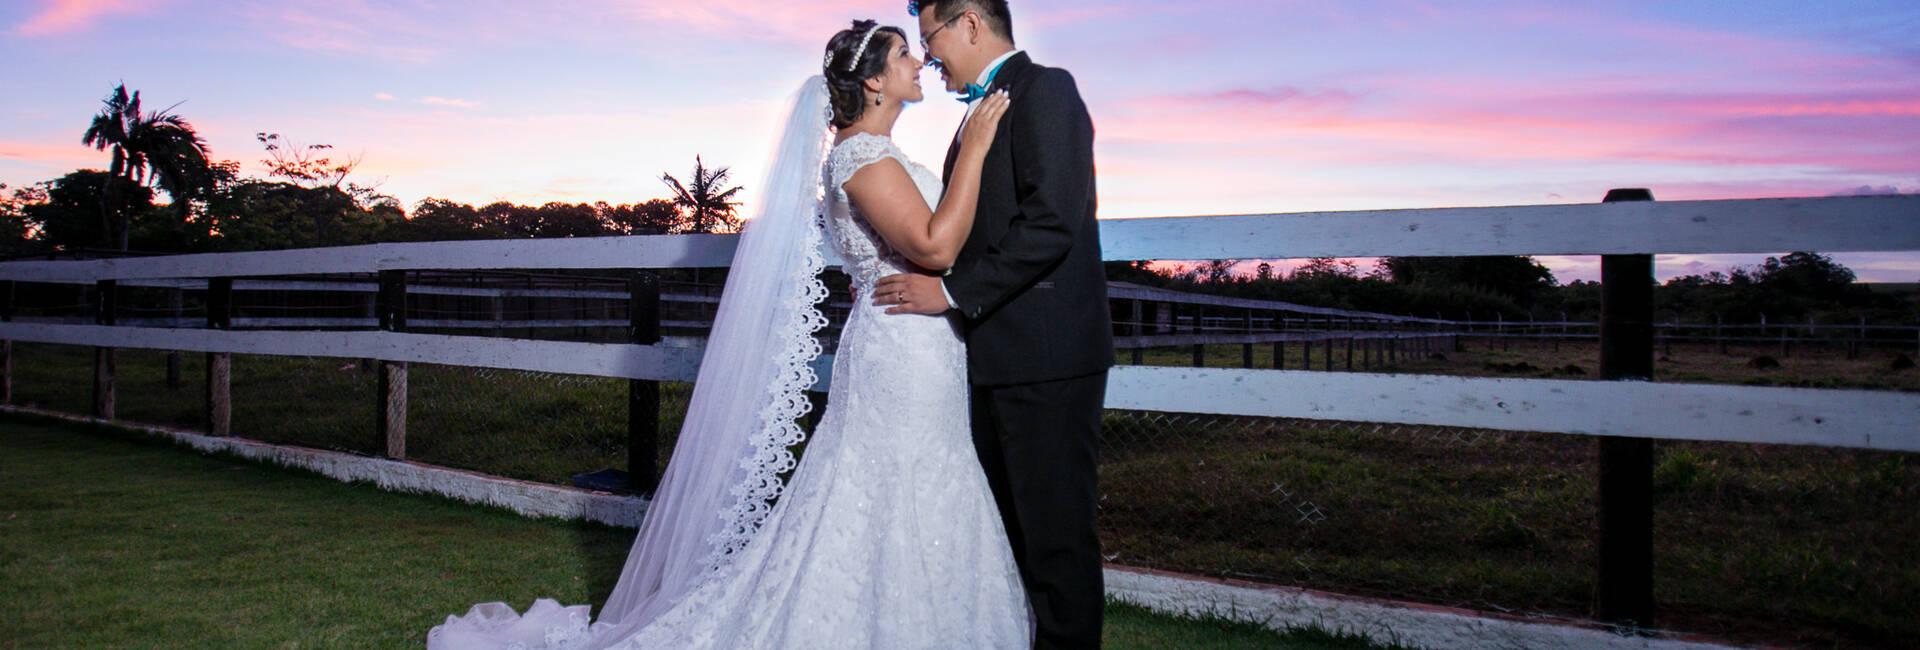 Casamento de DANIELE E ANDRE